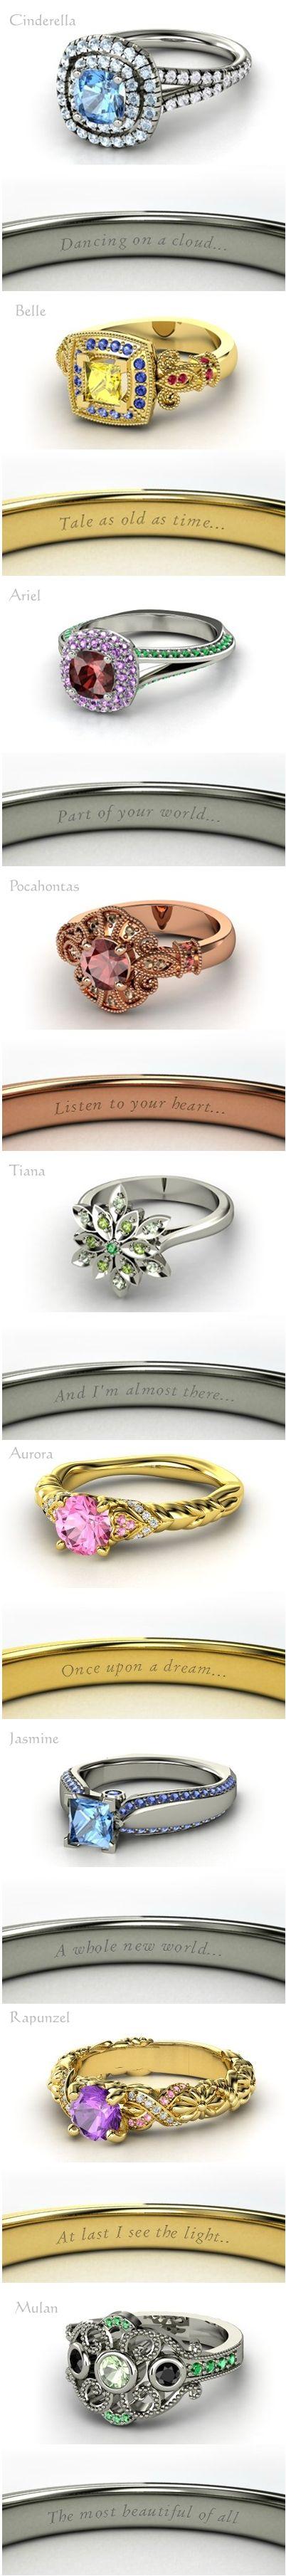 Princess inspired rings